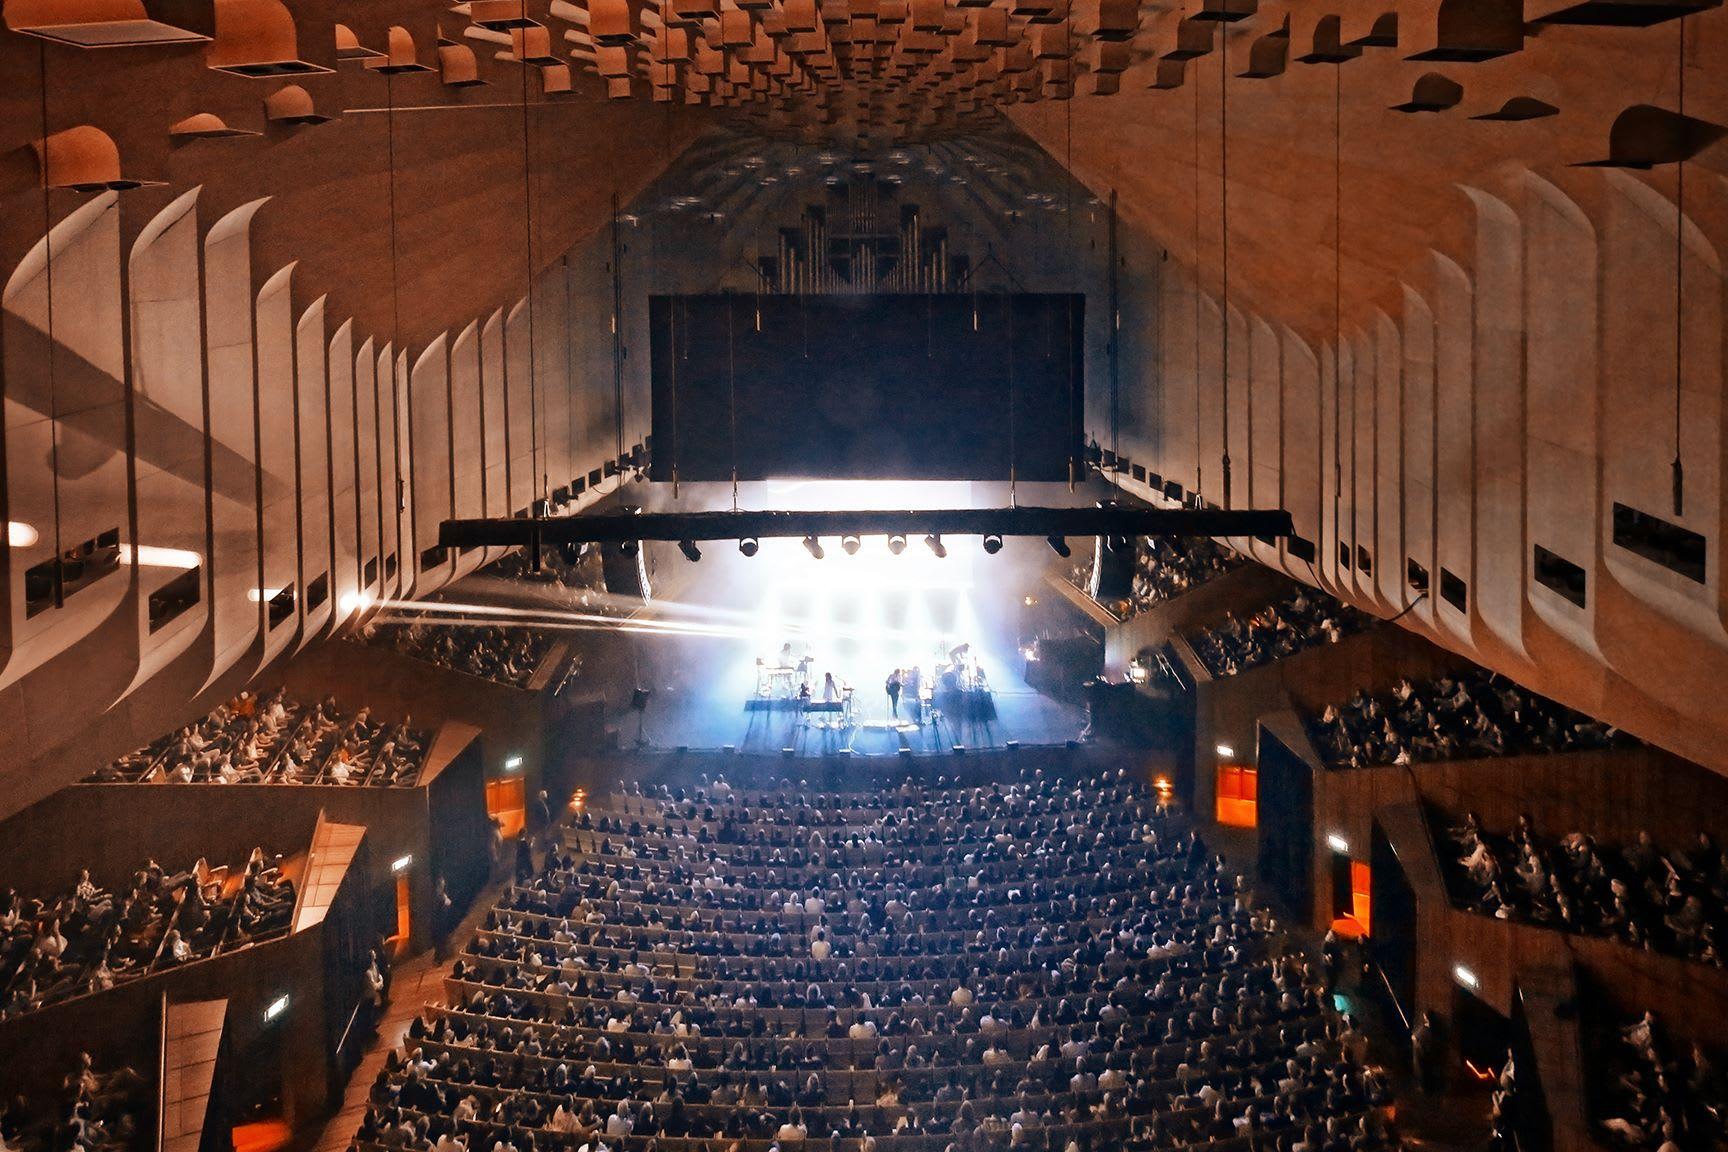 位於音樂廳前方,有號稱全世界最大的「機械木連桿風琴」。(圖片來源/Sydney Opera House粉絲團)